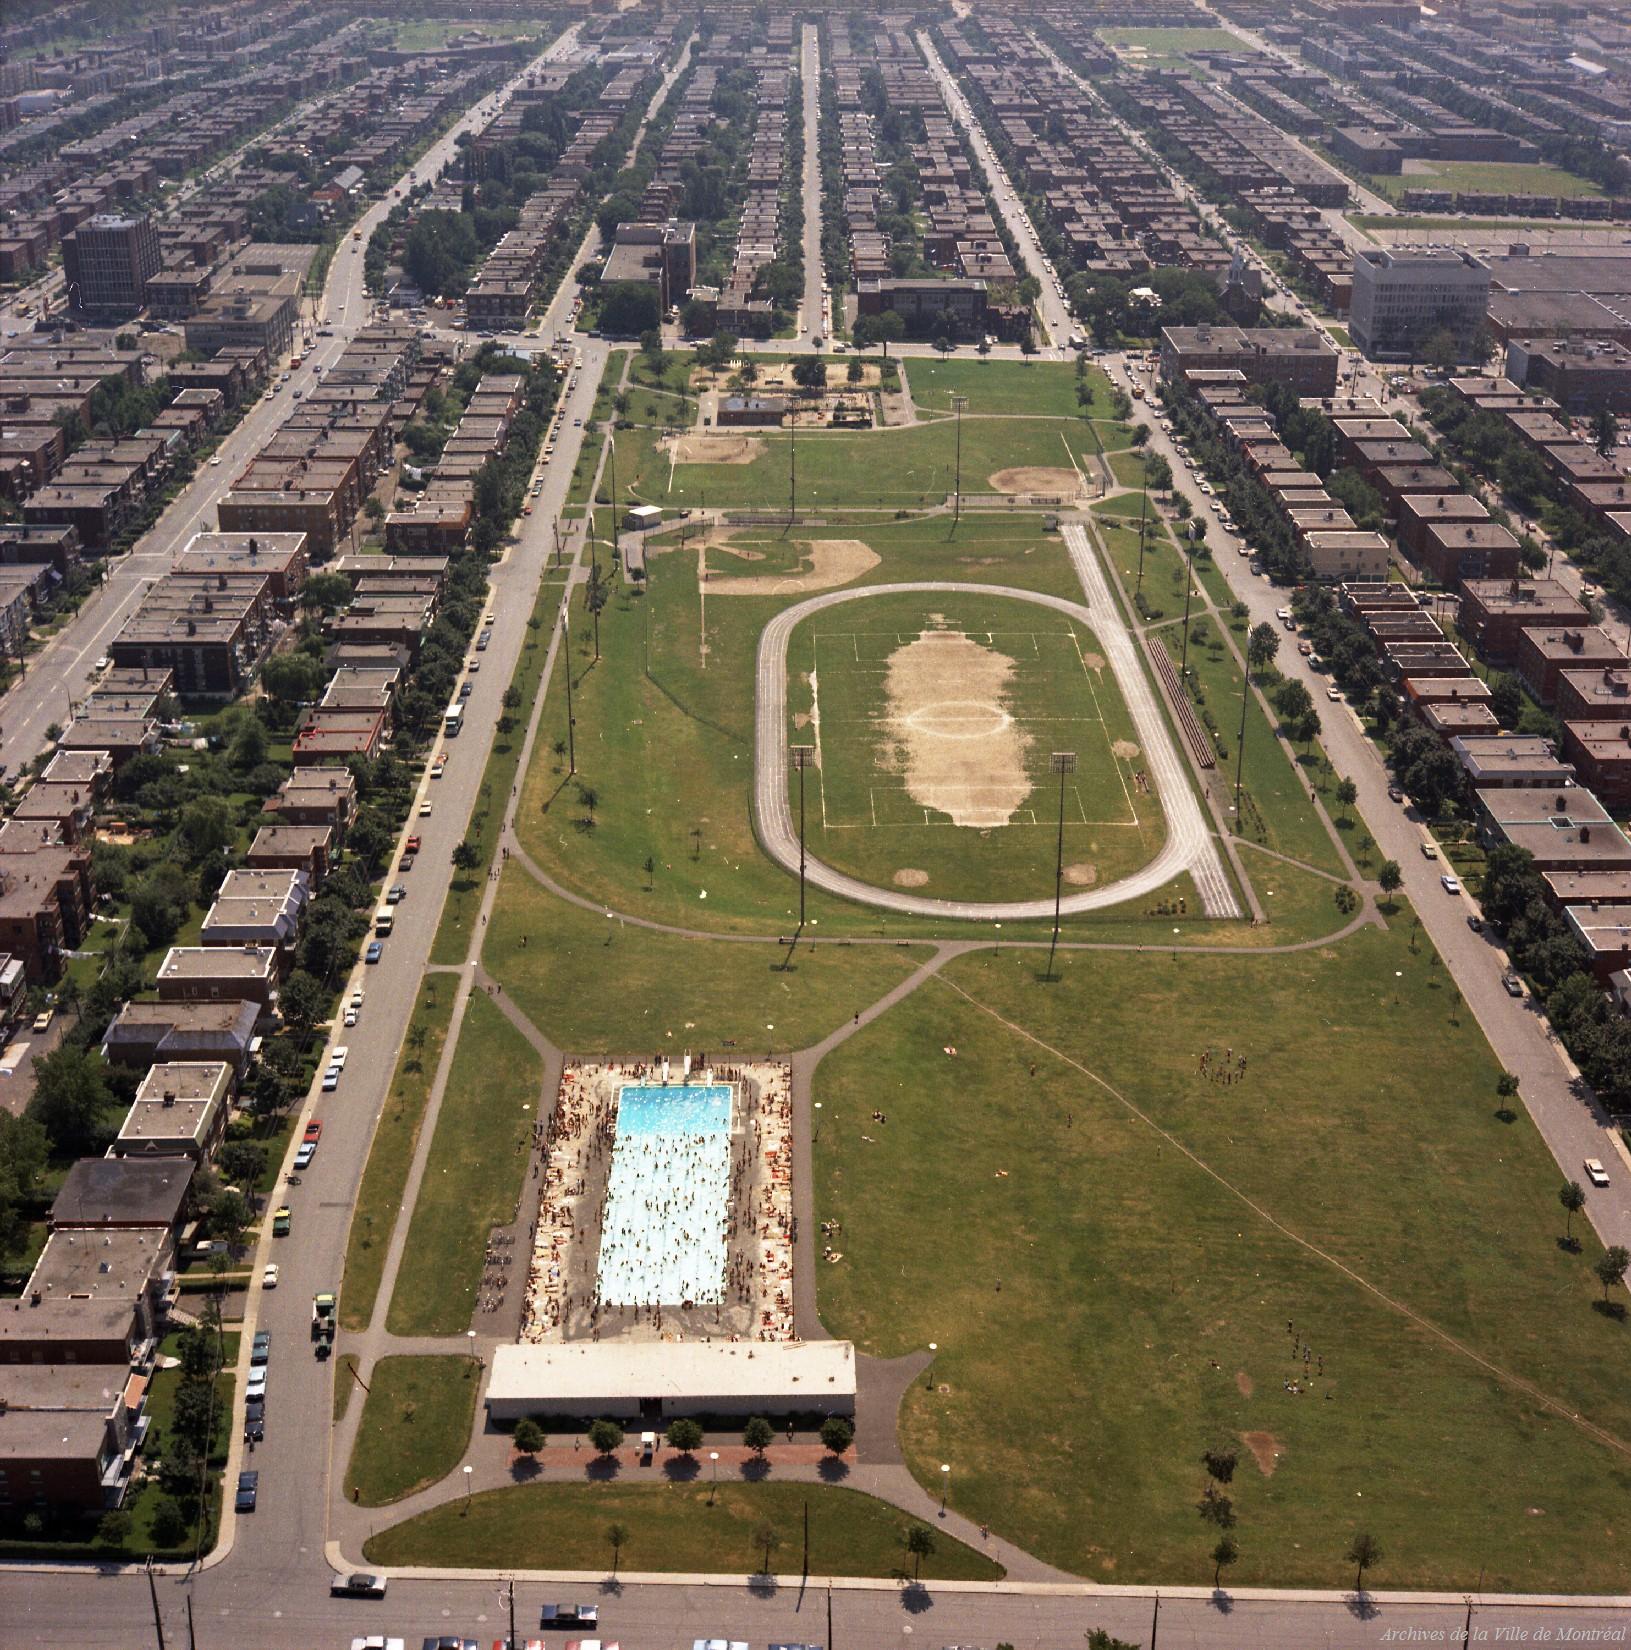 Parc Kent - Piscine et terrain d'athlétisme, 31 juillet 1969, VM94-B44-006